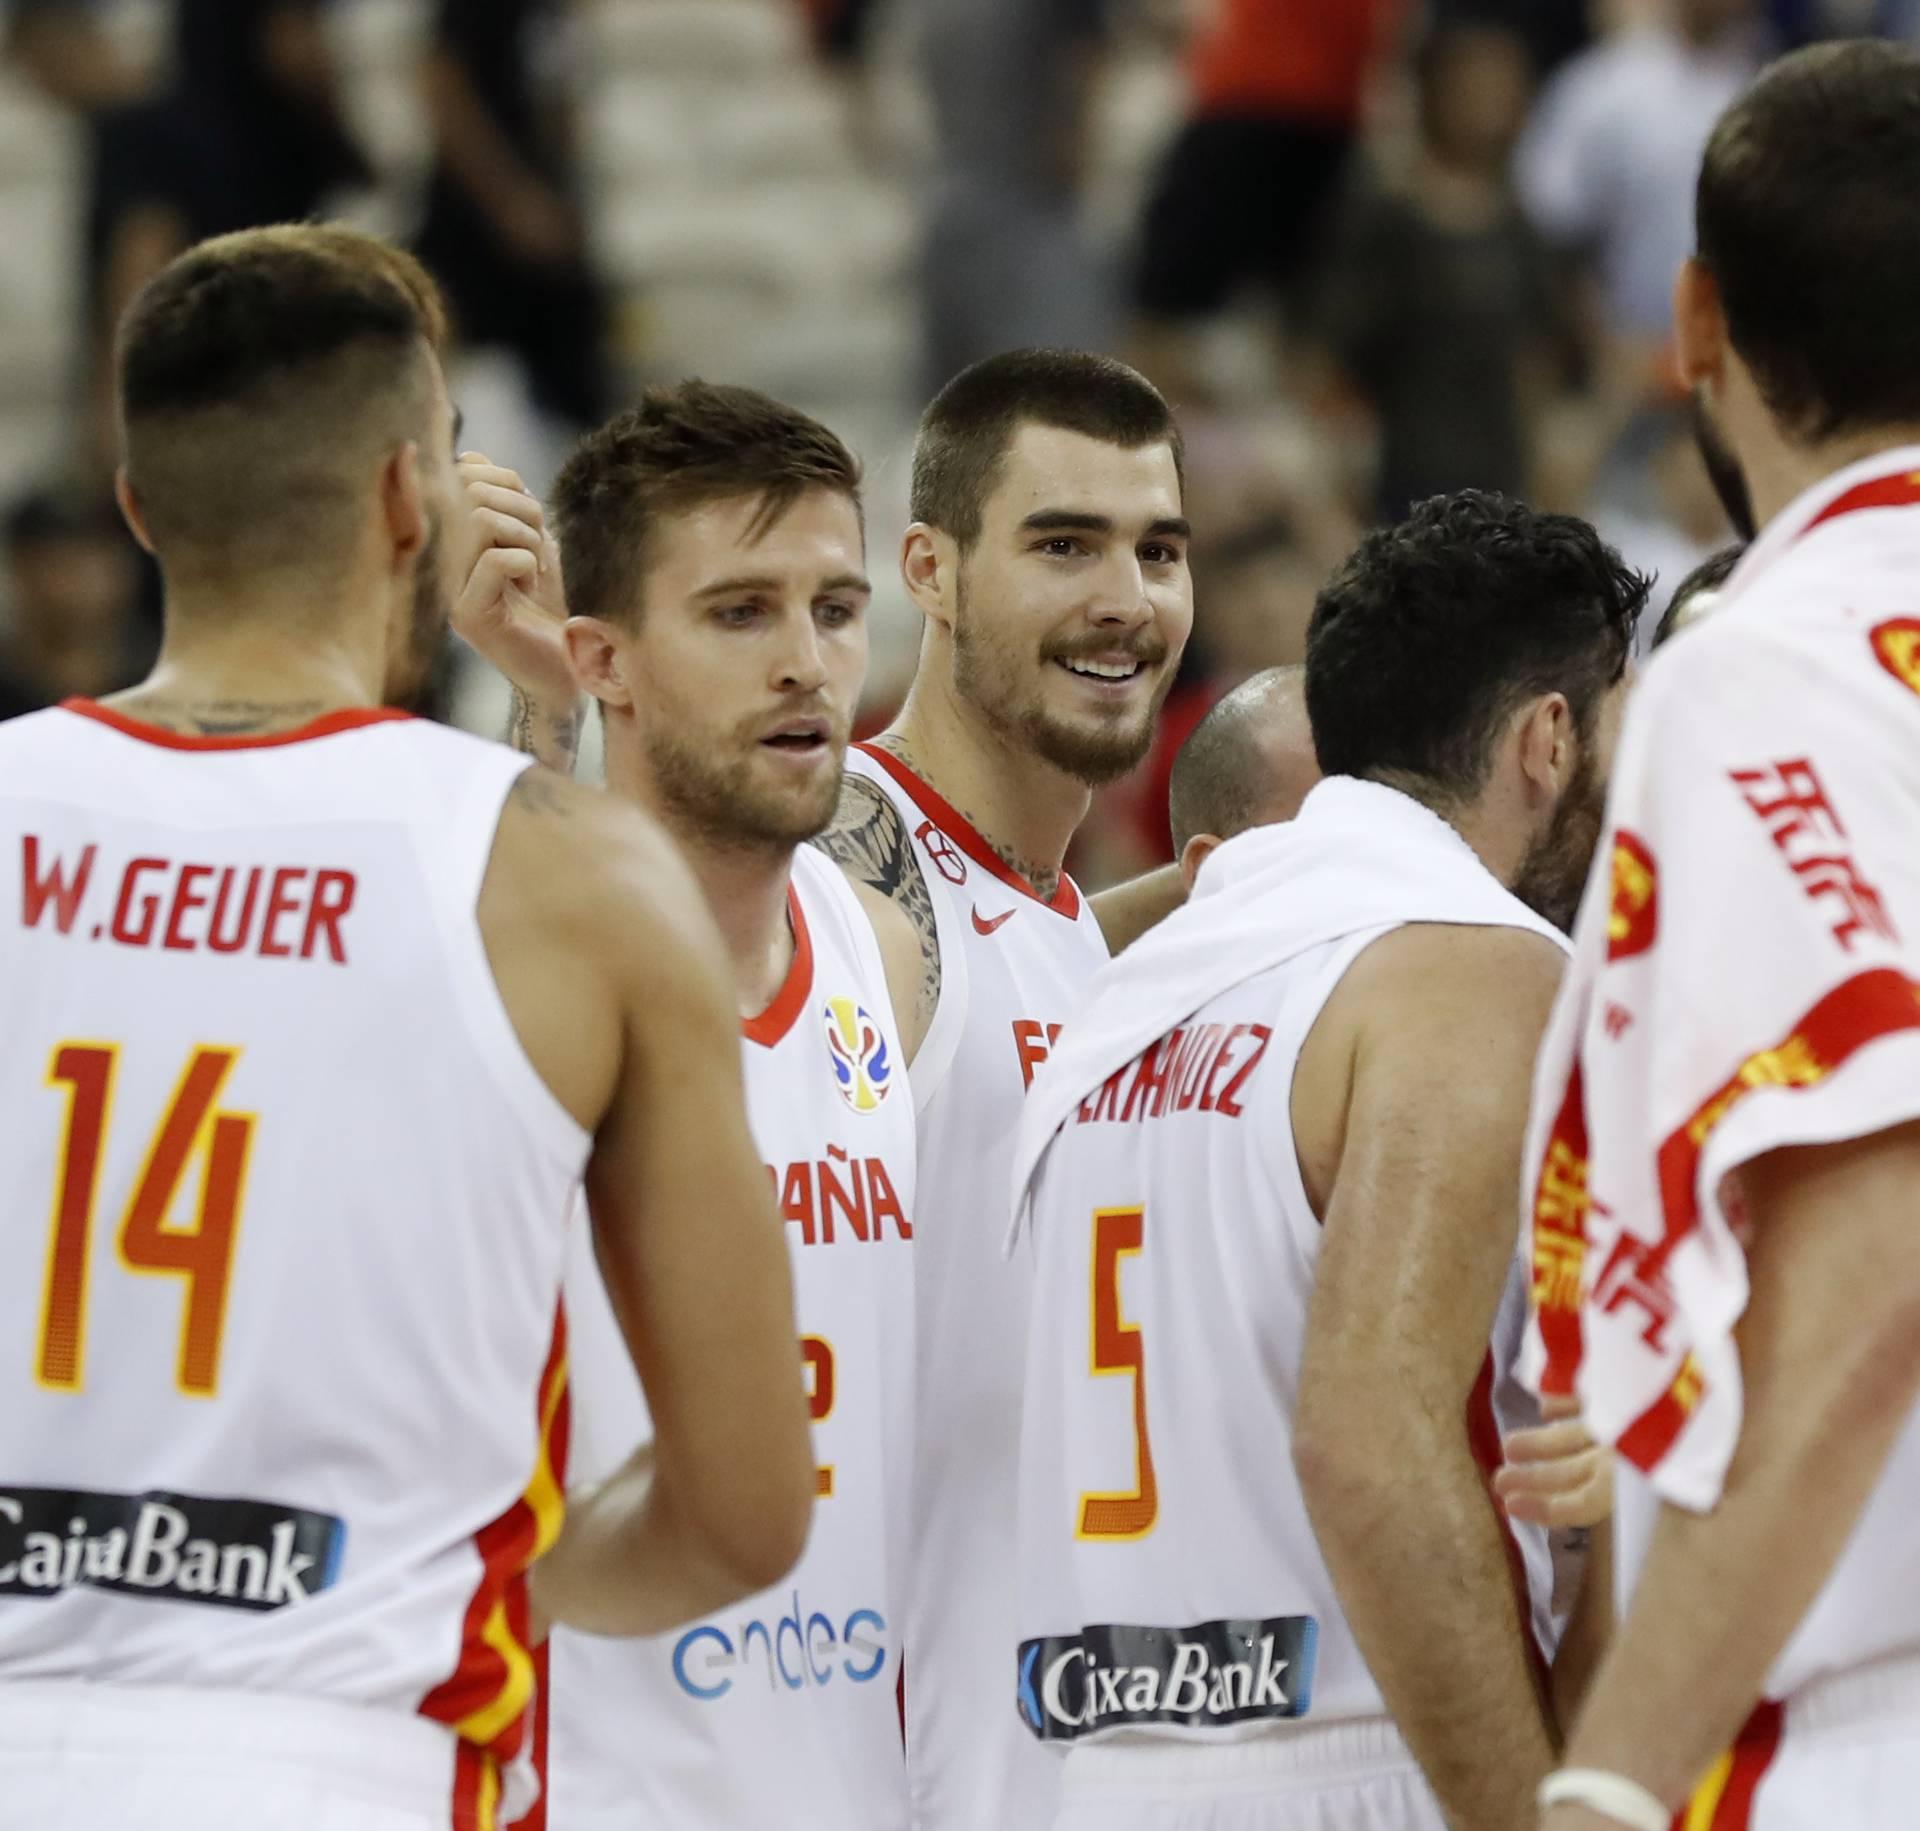 Basketball - FIBA World Cup - Quarter Finals - Spain v Poland